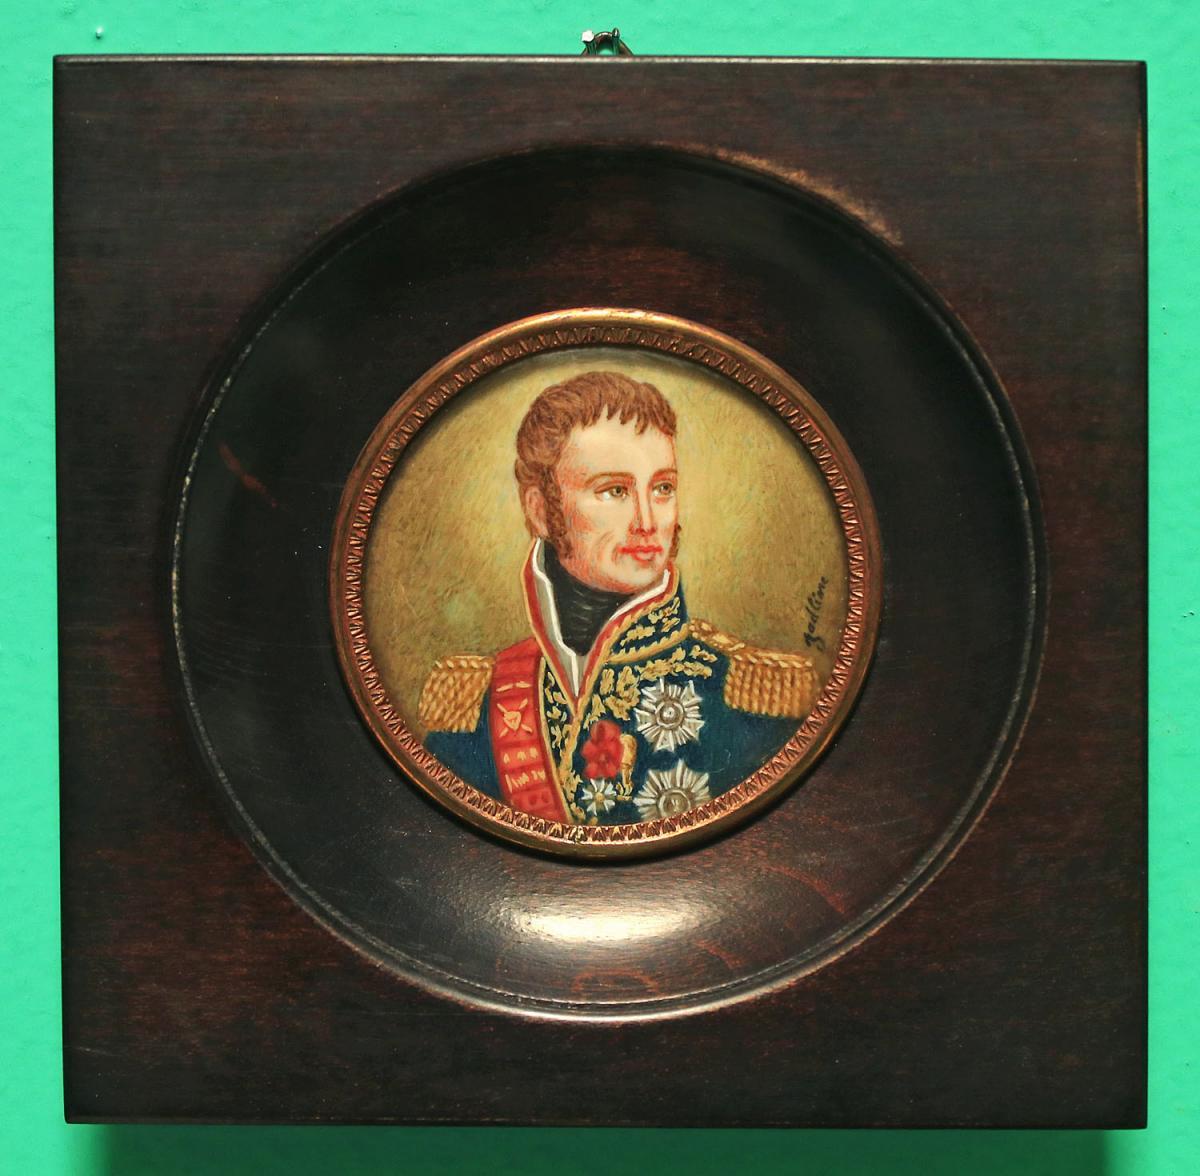 Portrait Miniature Du Maréchal Lannes Début 20ème